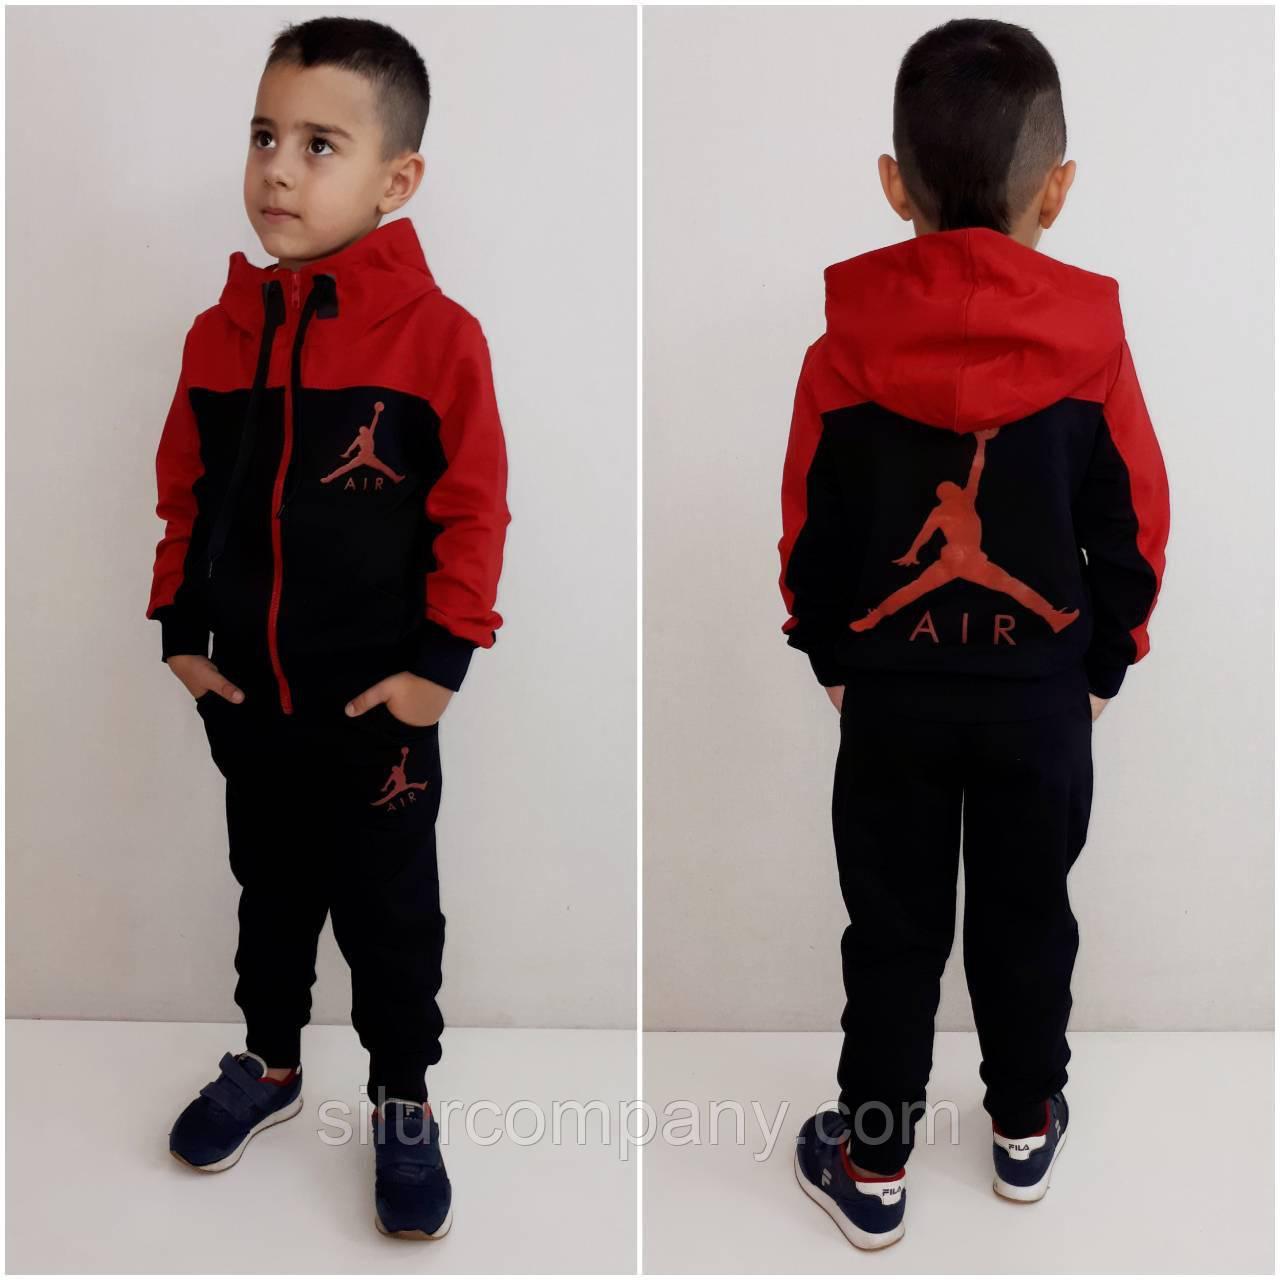 787df4bd Красный спортивный костюм для мальчика   Спортивный костюм трикотажный для  физкультуры для мальчика - Интернет магазин